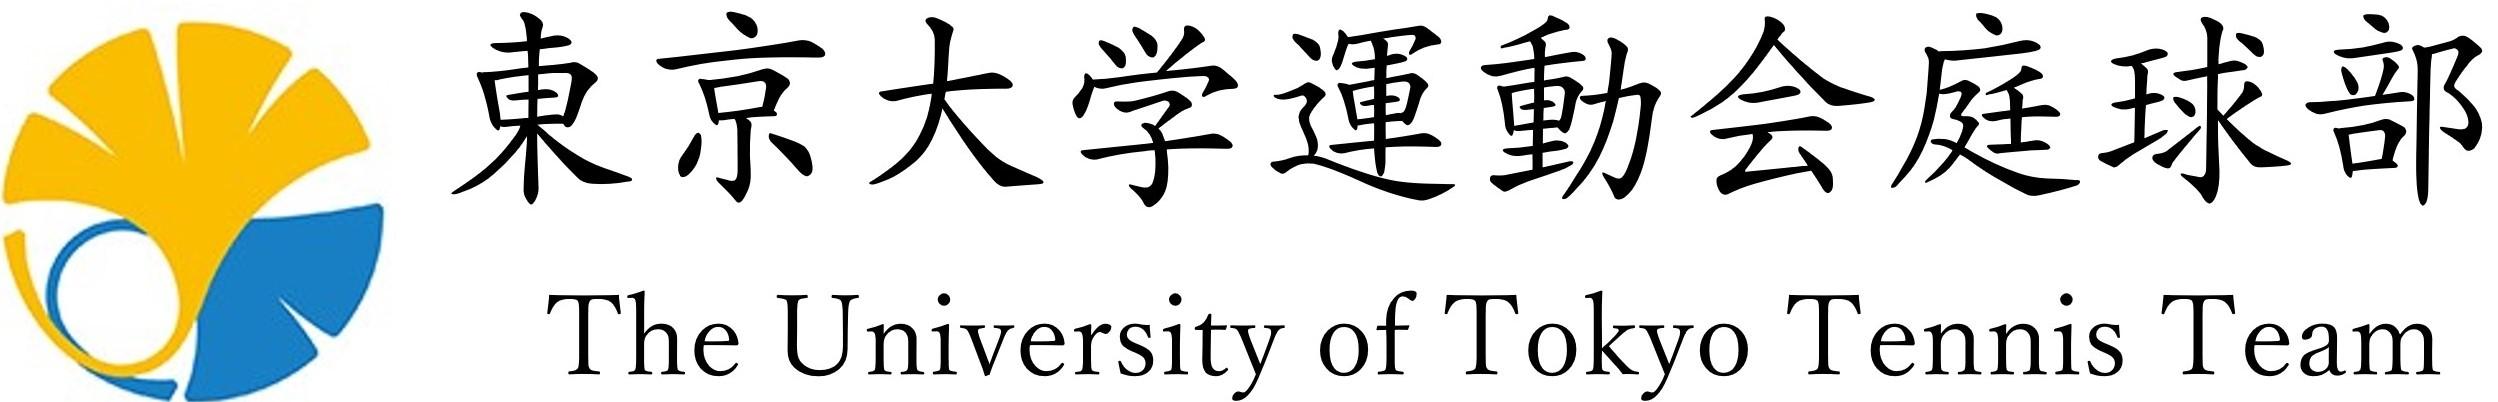 東京大学運動会庭球部